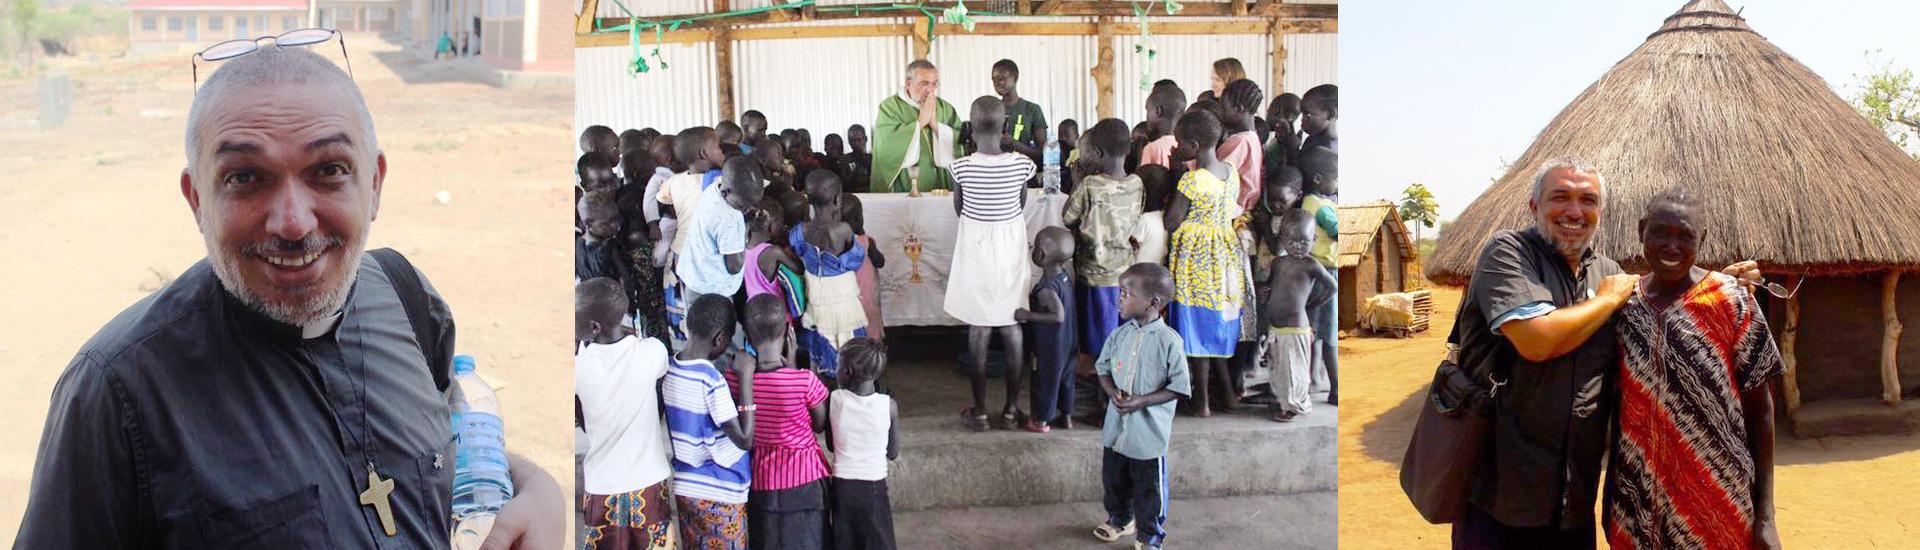 El padre Uba pudo regresar a Palabek y es feliz entre los refugiados